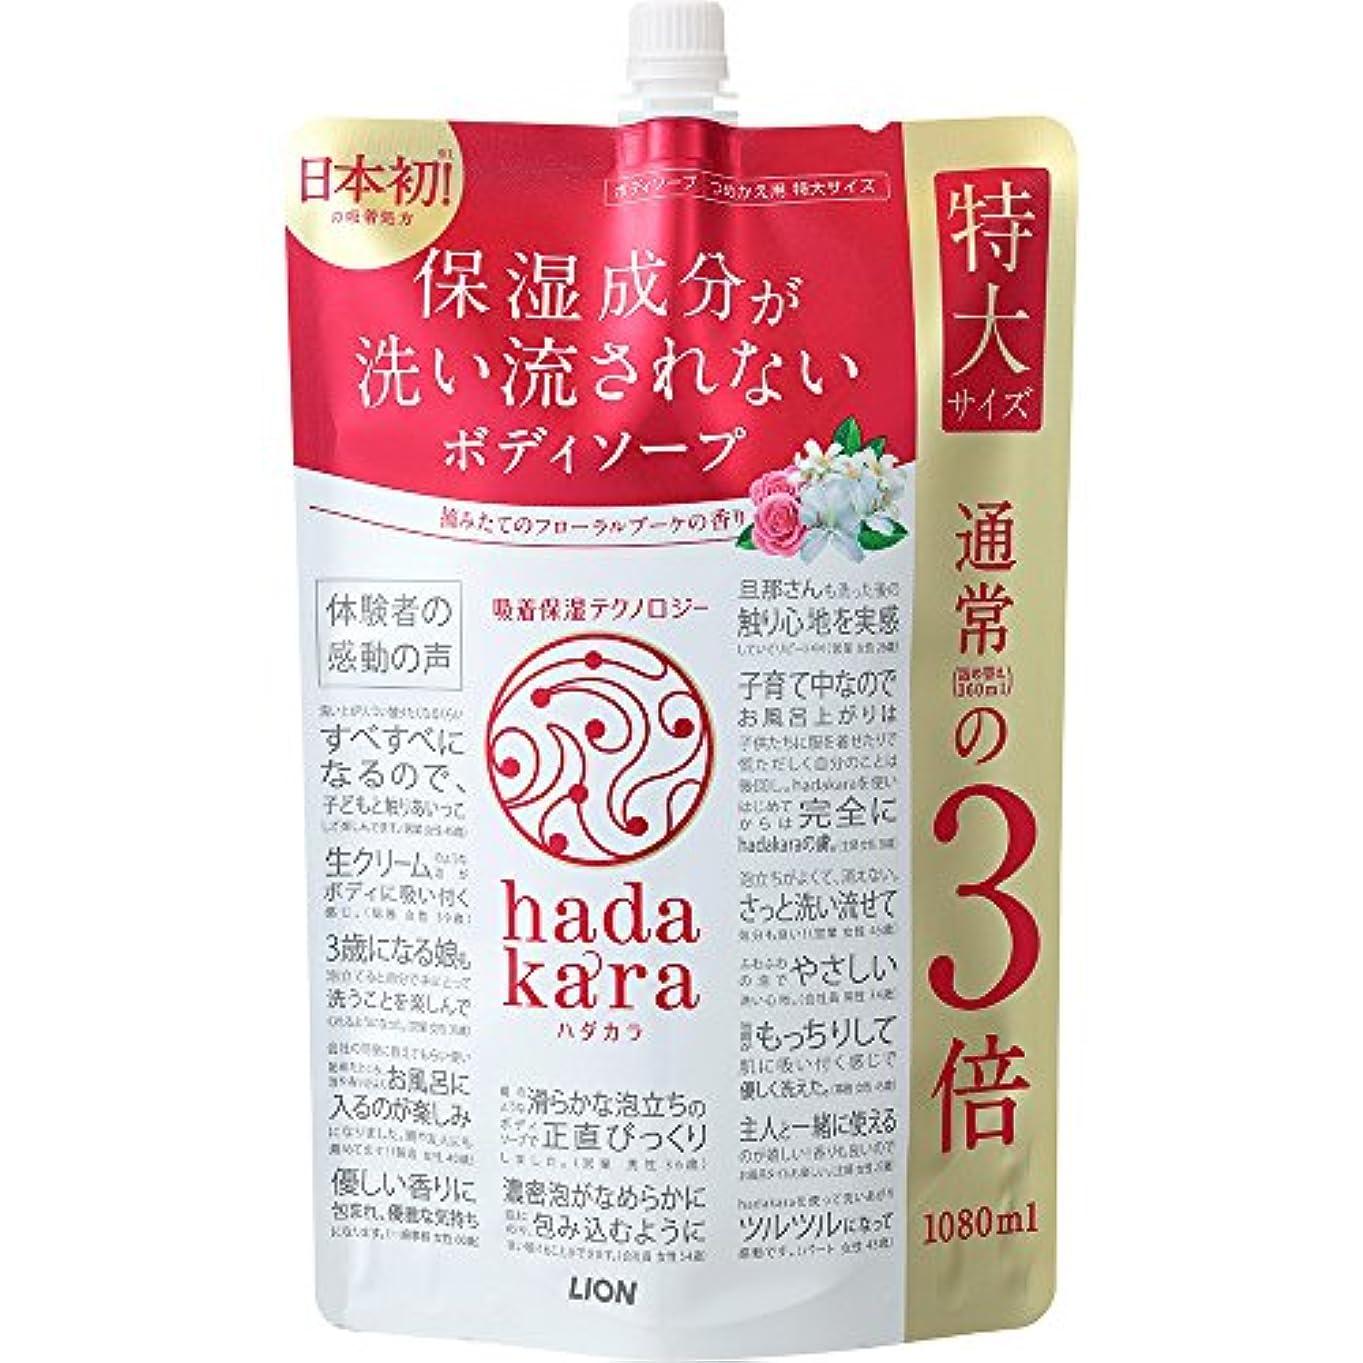 まっすぐにするハイライトスライス【大容量】hadakara(ハダカラ) ボディソープ フローラルブーケの香り 詰め替え 特大 1080ml